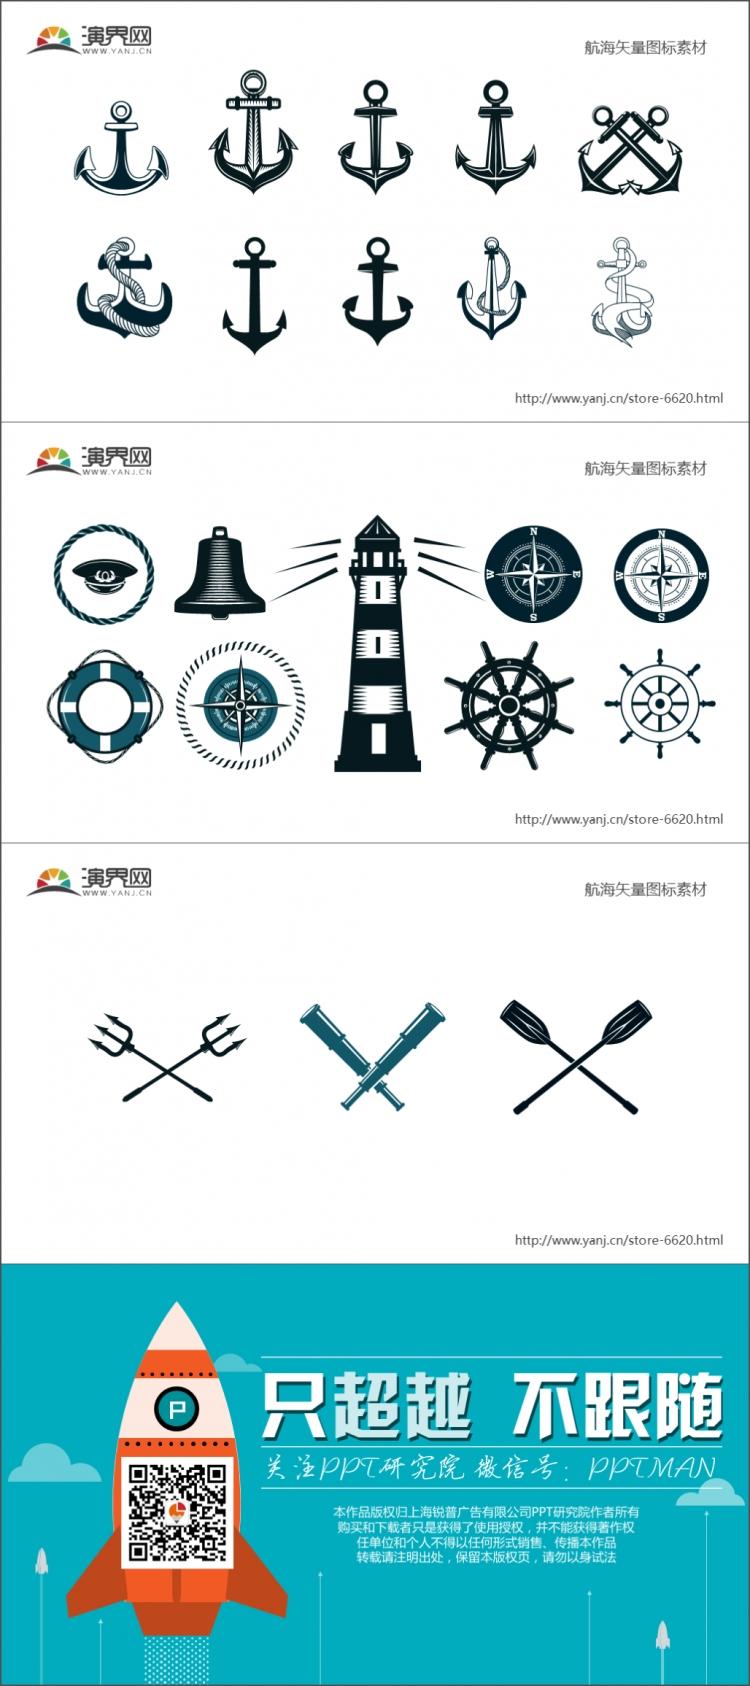 航海矢量图标素材,圣诞节矢量图标素材